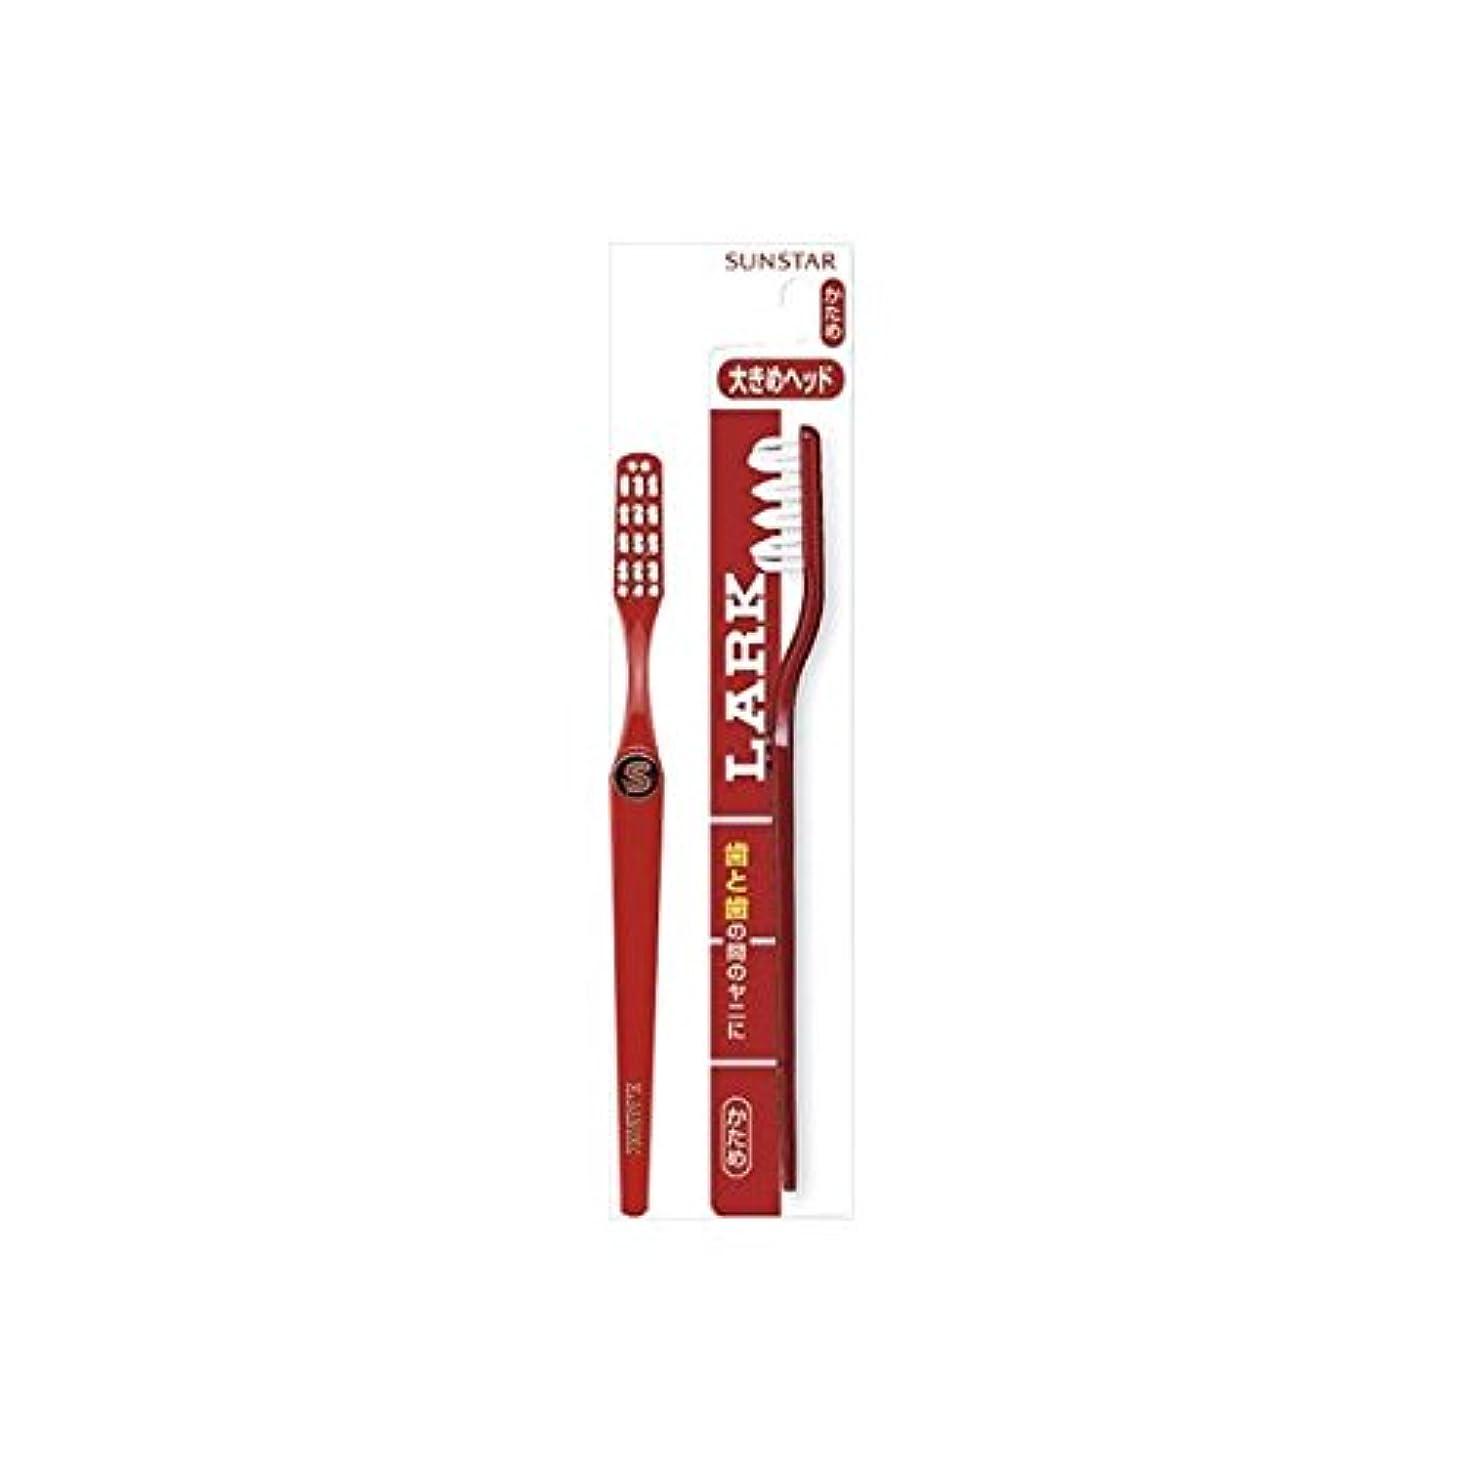 そこ札入れ外側サンスター ラーク 歯ブラシ レギュラーヘッド × 6 点セット